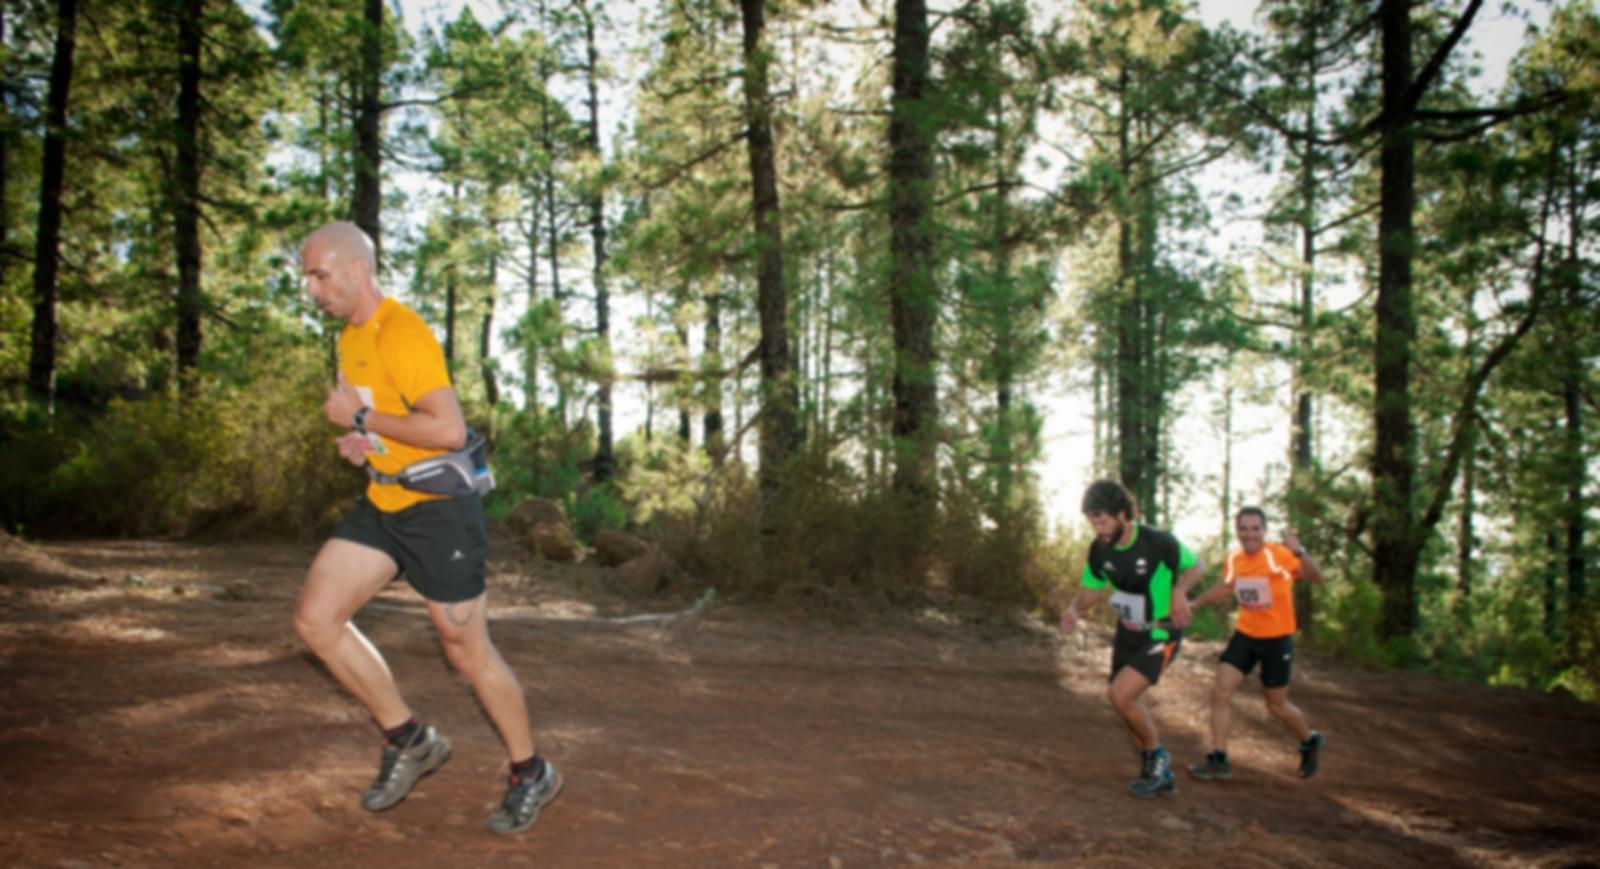 Biegaj po lesie!